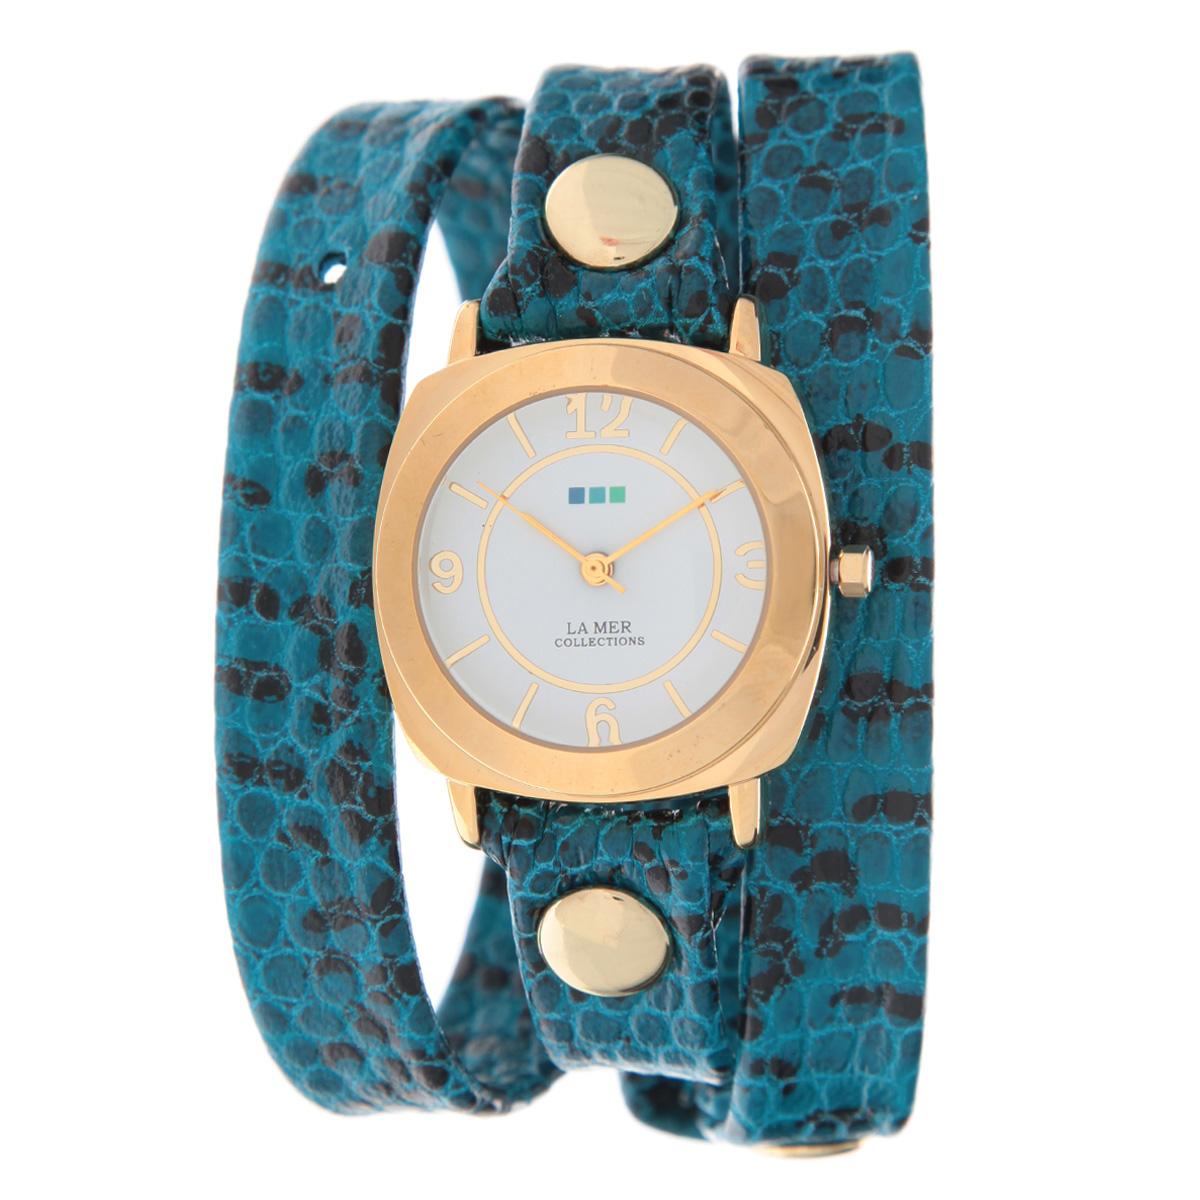 Часы наручные женские La Mer Collections Odyssey Aqua Blue Snake. LMODY4002xLMODY4002xЖенские наручные часы  La Mer Collections позволят вам выделиться из толпы и подчеркнуть свою индивидуальность. Часы оснащены японским кварцевым механизмом SEIKO. Ремешок выполнен из натуральной итальянской кожи и декорирован металлическими заклепками и принтом под змеиную кожу. Корпус часов изготовлен из сплава металлов, золотистого цвета. Циферблат оснащен часовой, минутной и секундной стрелками и защищен минеральным стеклом. Часы застегиваются на классическую застежку. Часы хранятся на специальной подушечке в футляре из искусственной кожи, крышка которого оформлена логотипом компании La Mer Collection. Характеристики: Размер циферблата: 29 х 29 х 8 мм. Размер ремешка: 550 х 13 мм. Не содержат никель. Не водостойкие. Собираются вручную в США.